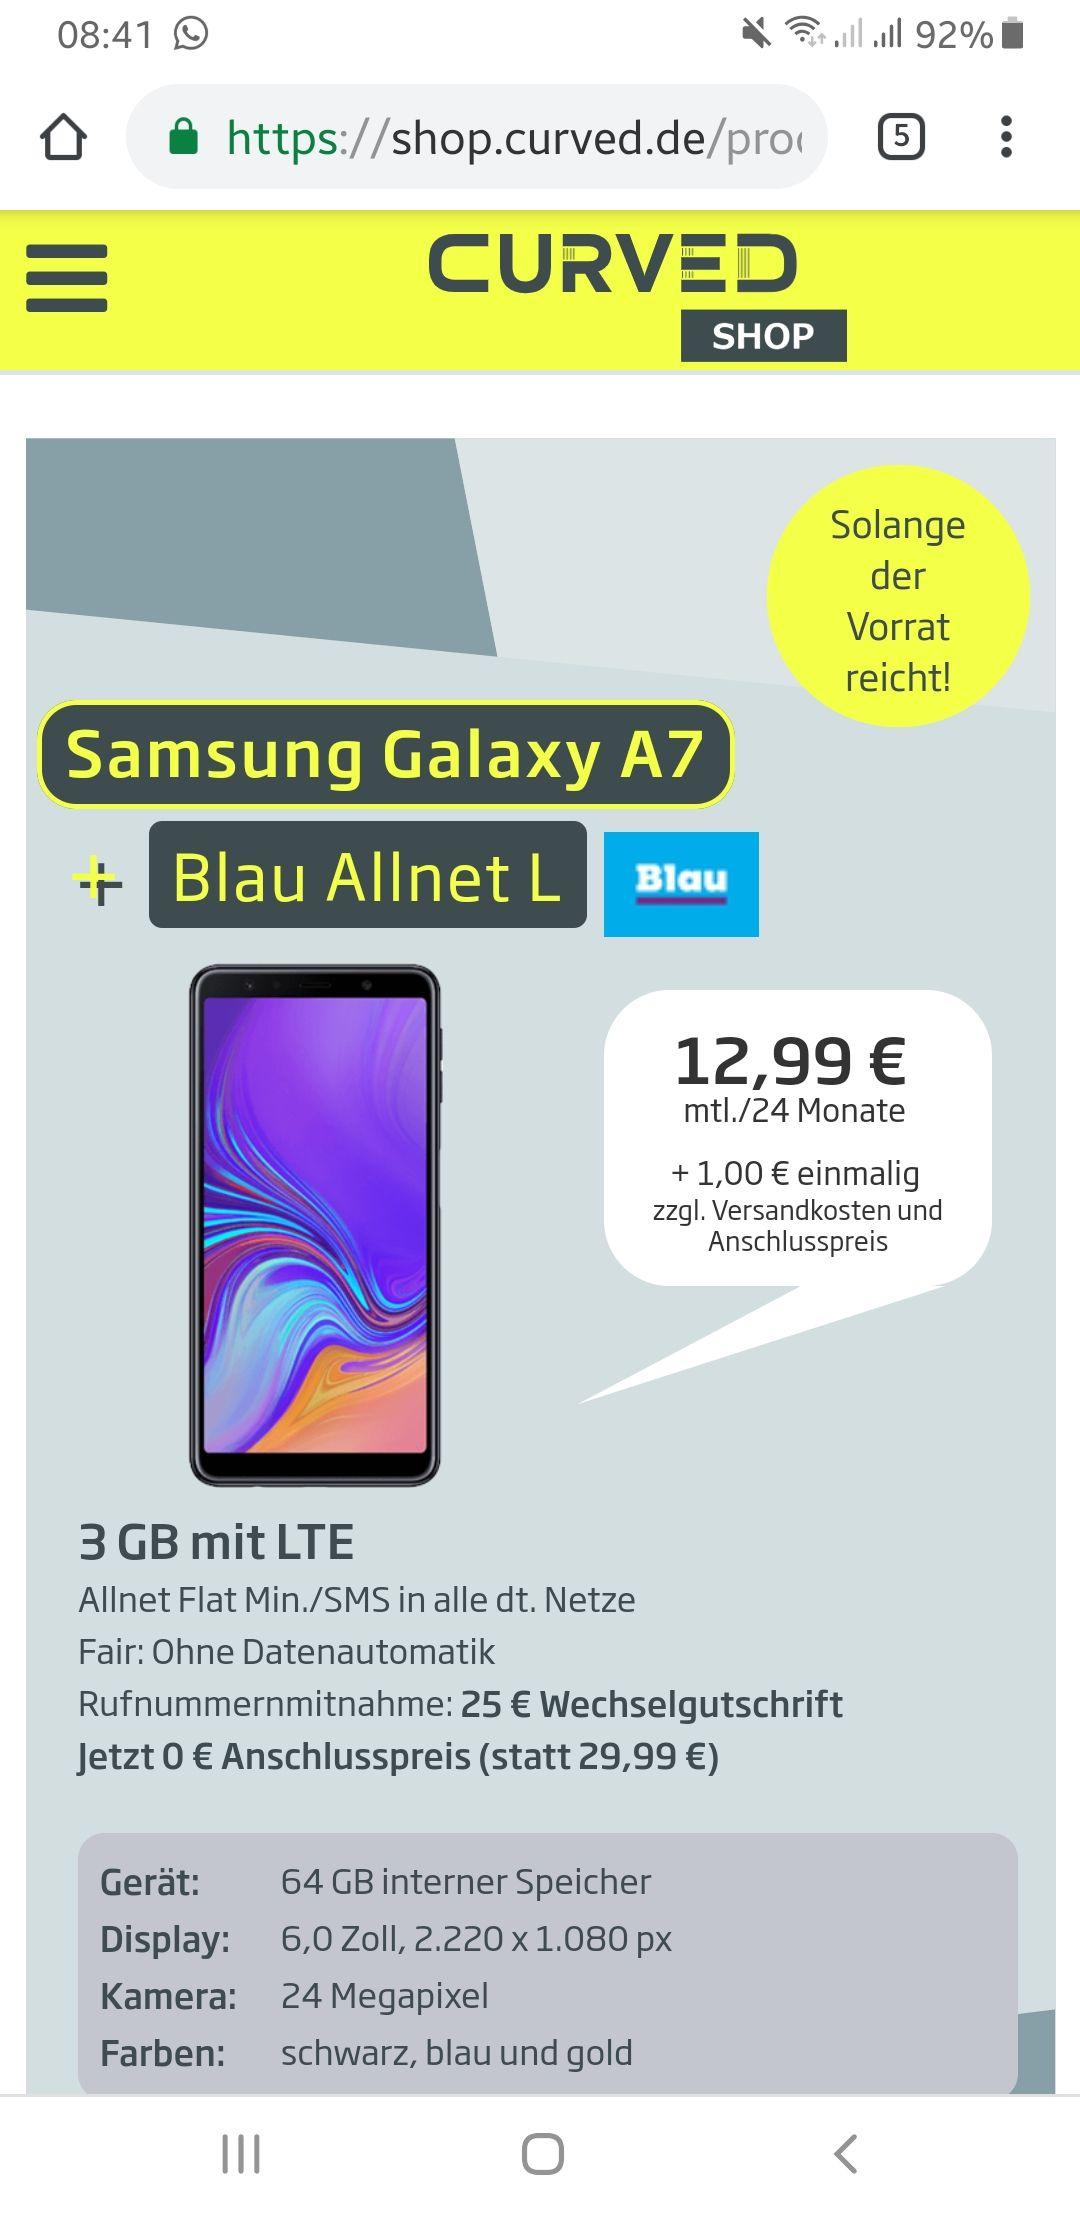 Galaxy A7 mit 3 GB VERTRAG